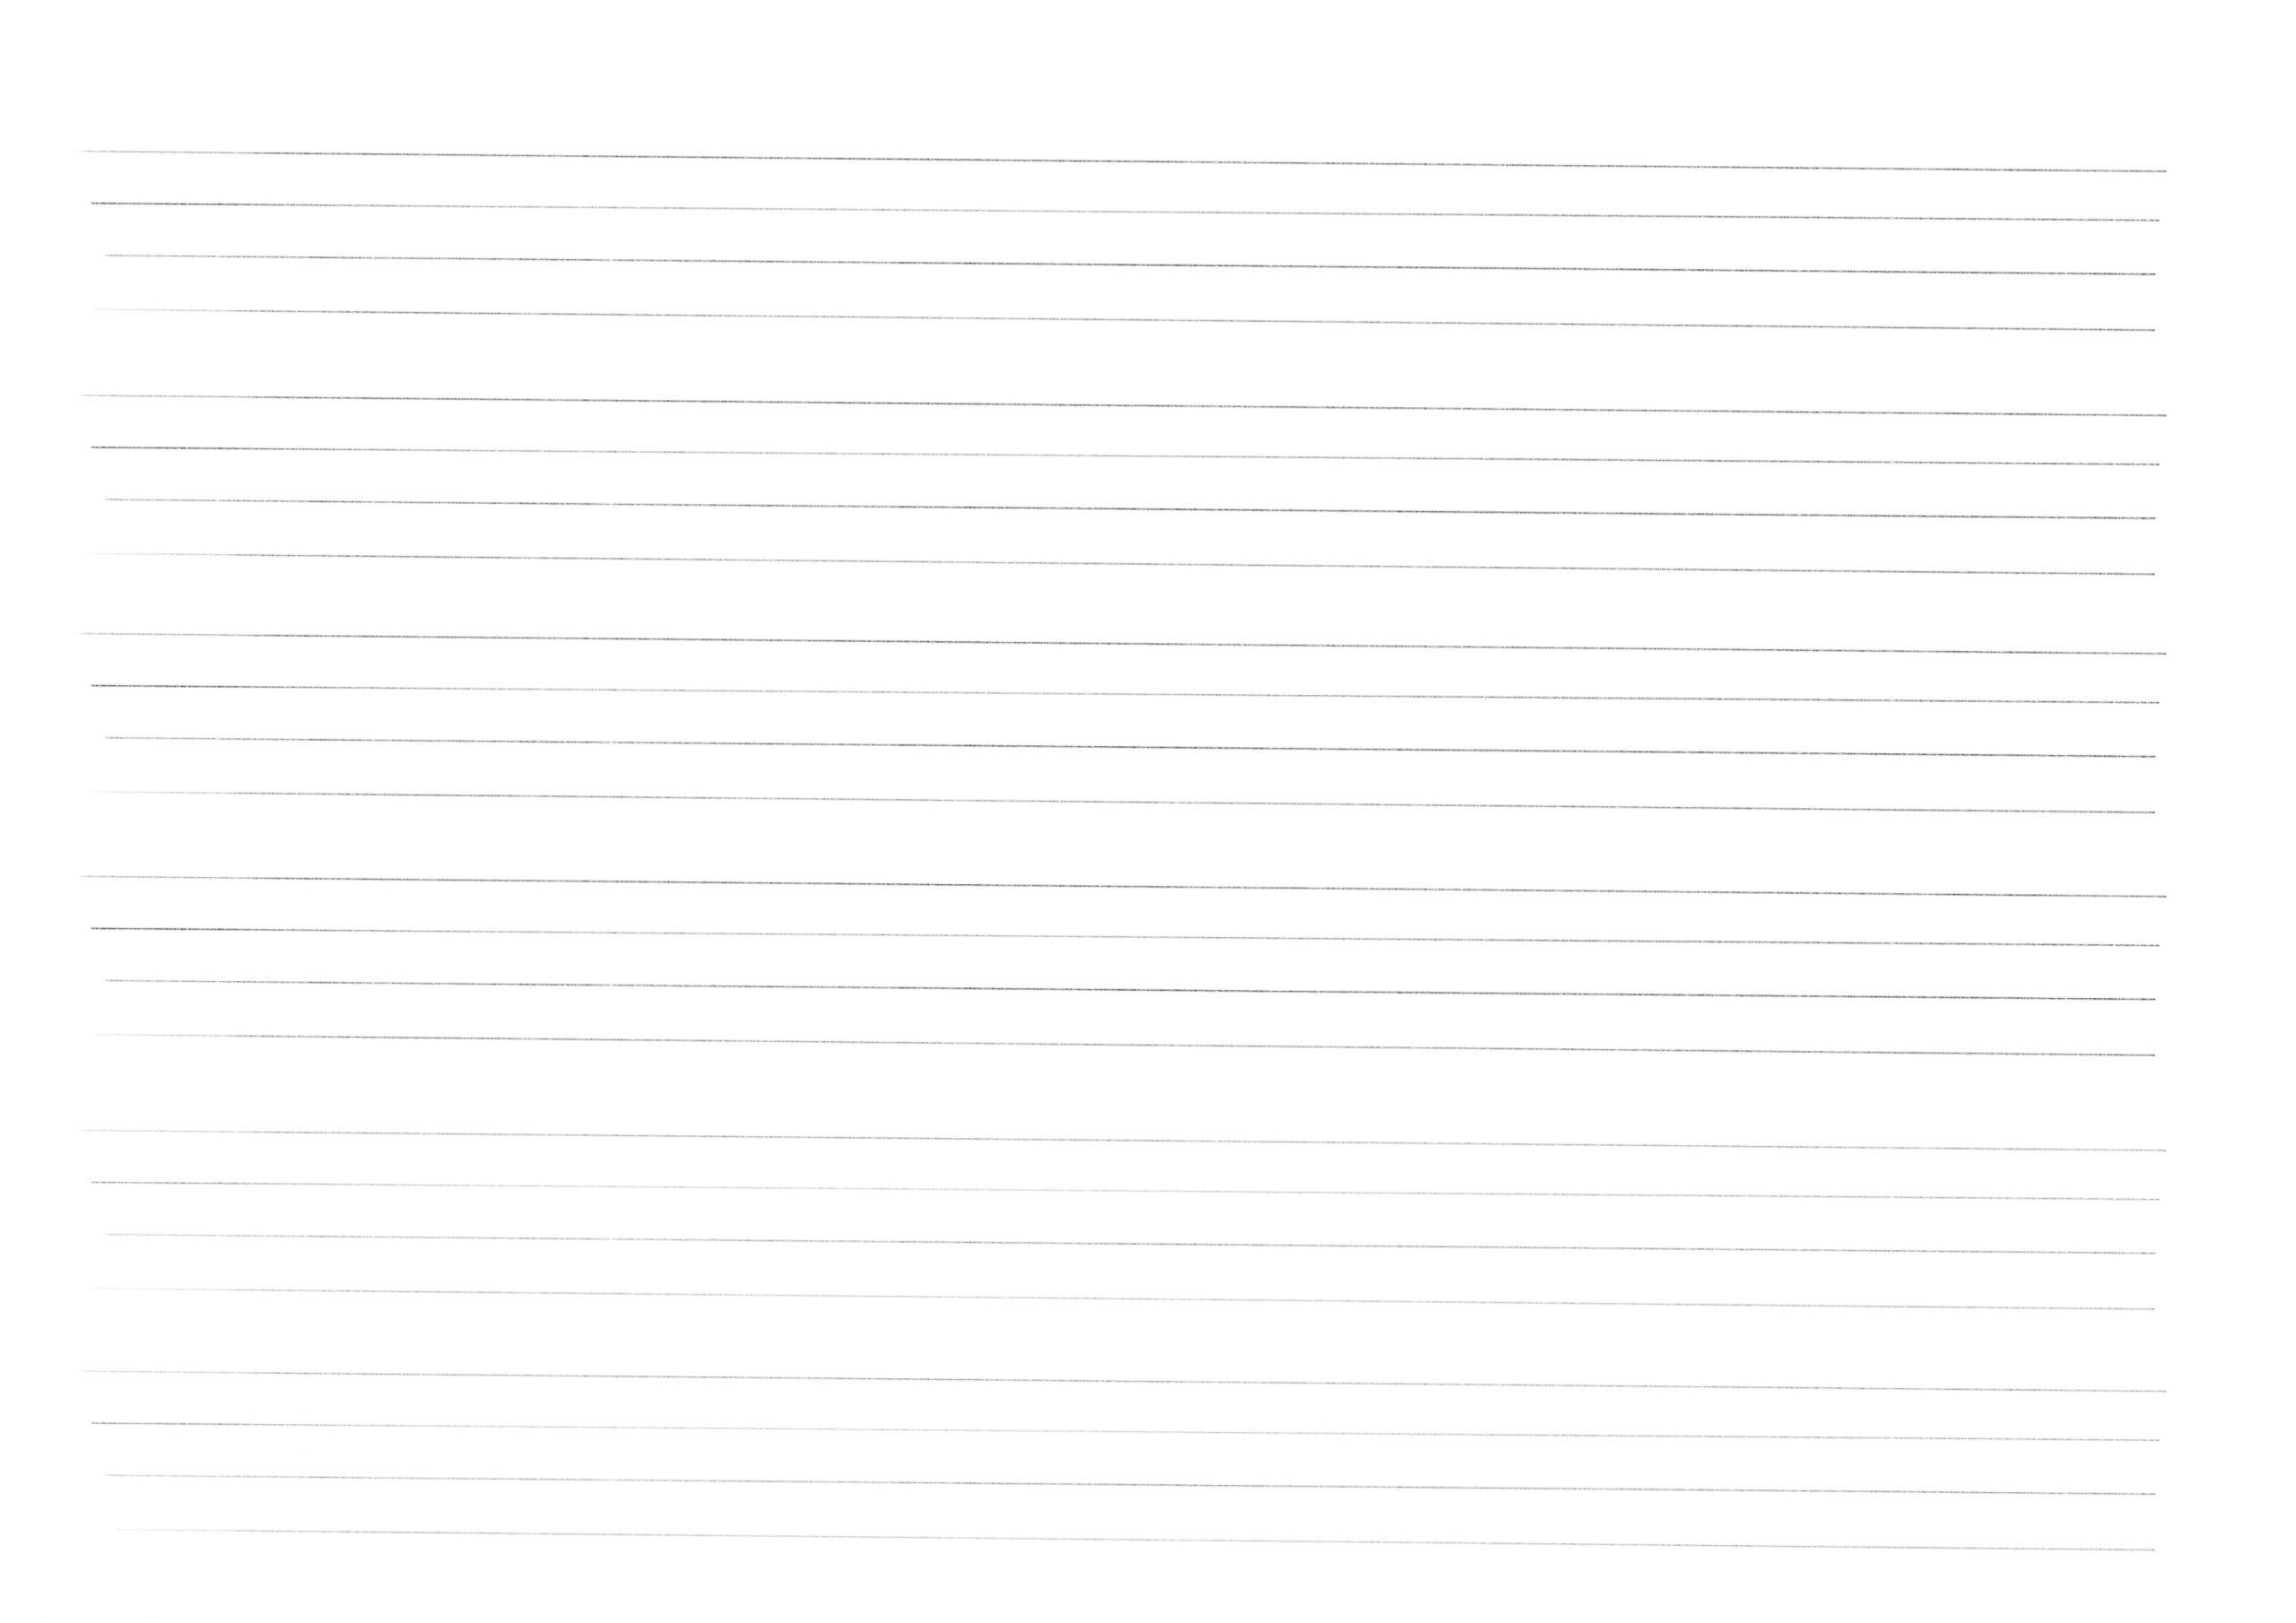 Eine Woche Lang Hand Lettering - Technik, Inspiration ganzes Liniertes Papier Vorlage